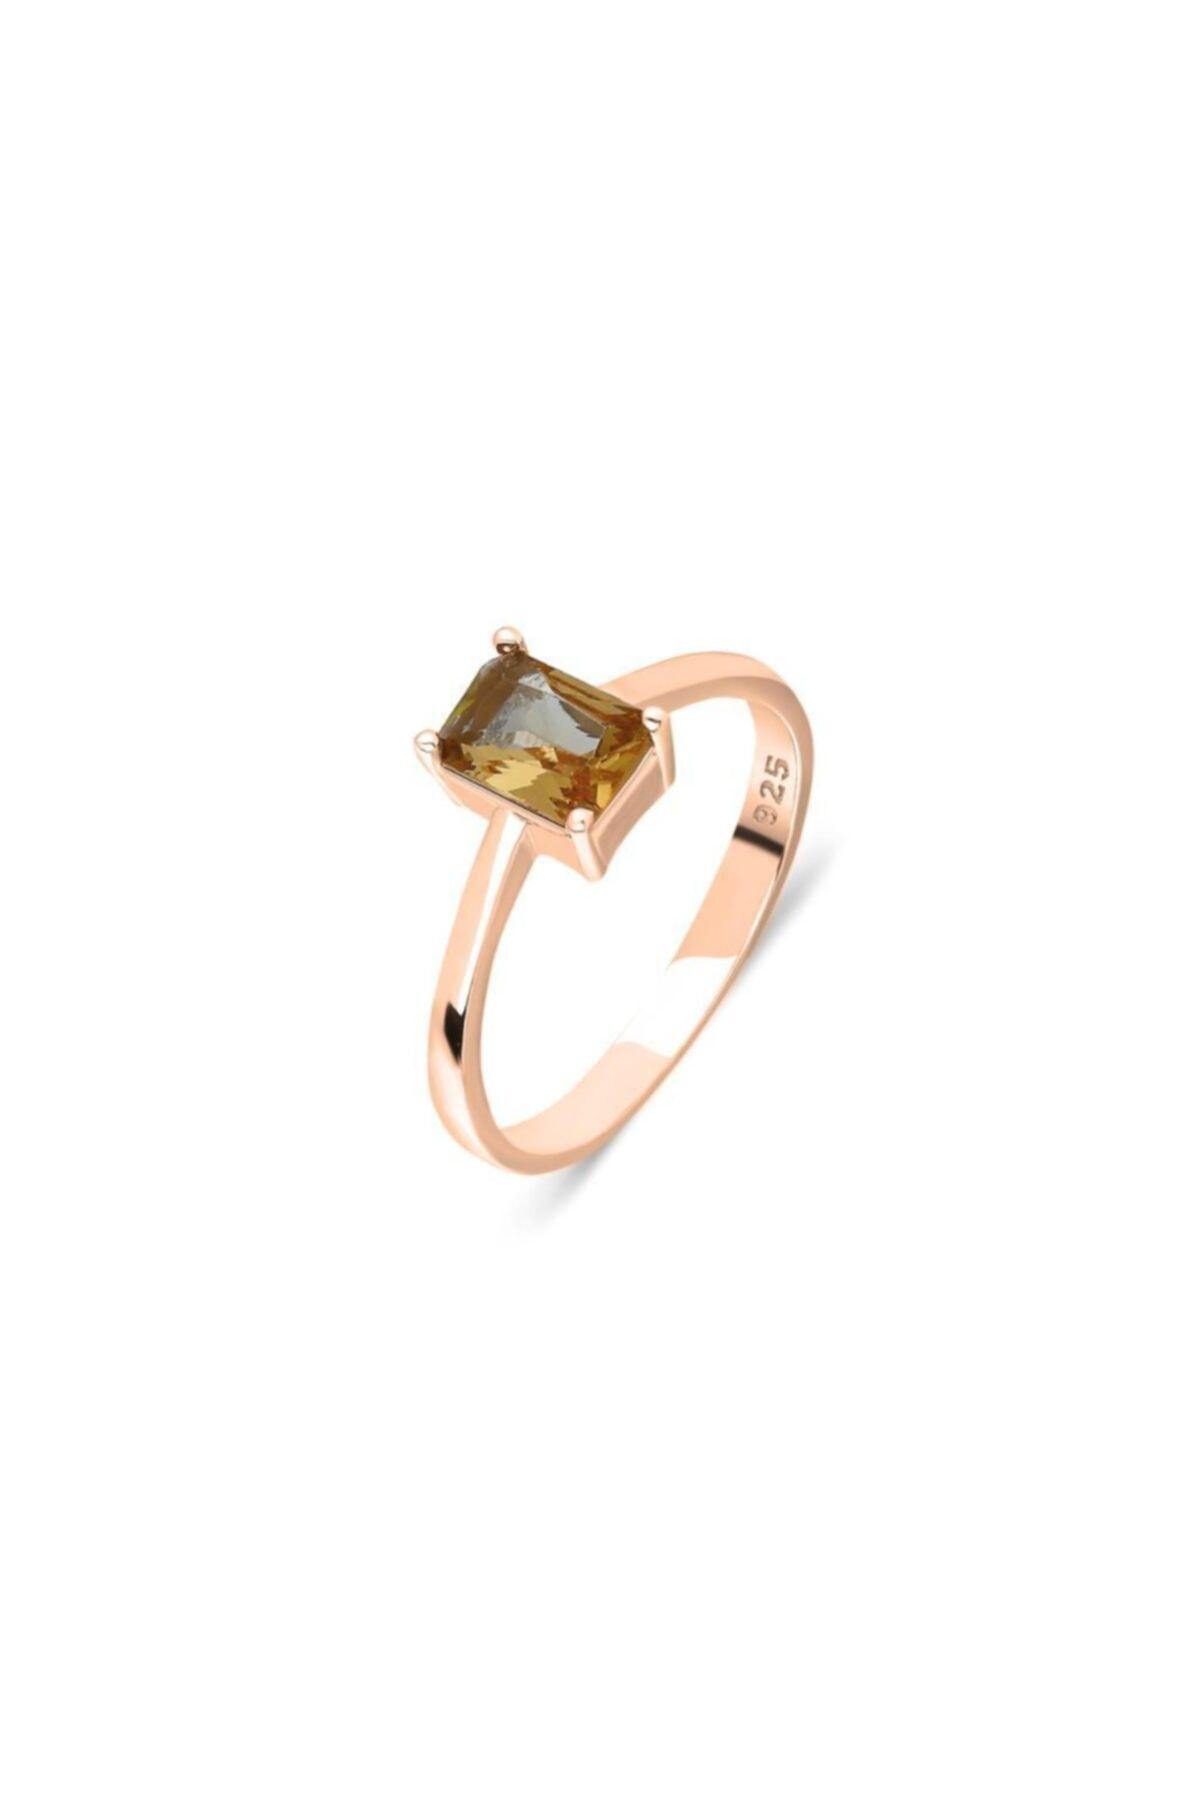 Roze Gümüş Yüzük Zultanit Taşlı Kadın Yüzüğü Yzk-353